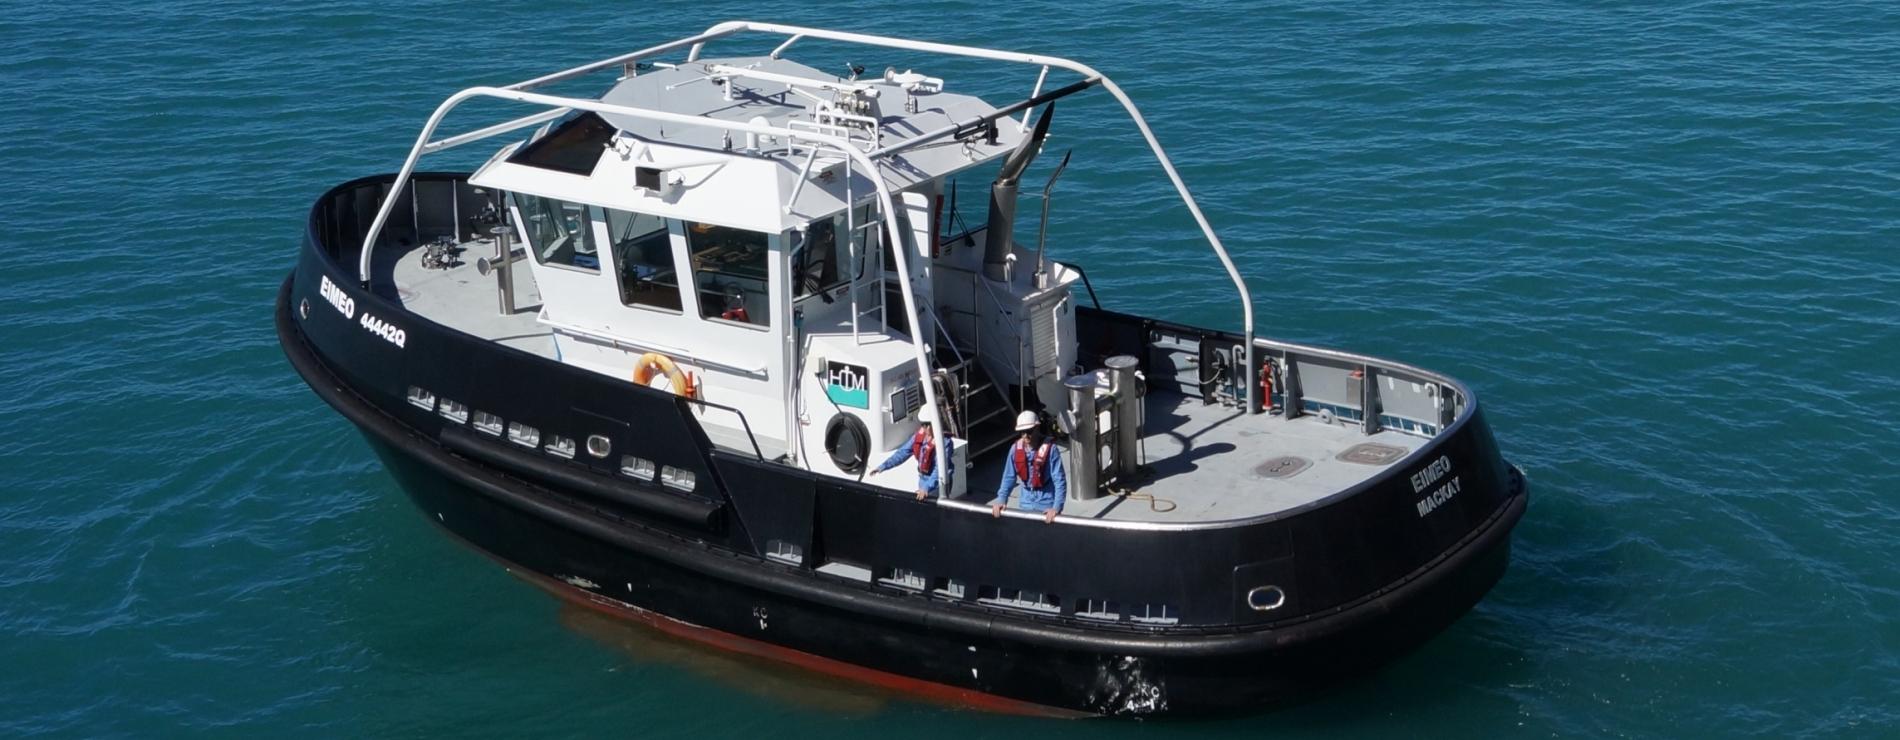 #5129 16m line boat Eimeo (crop)